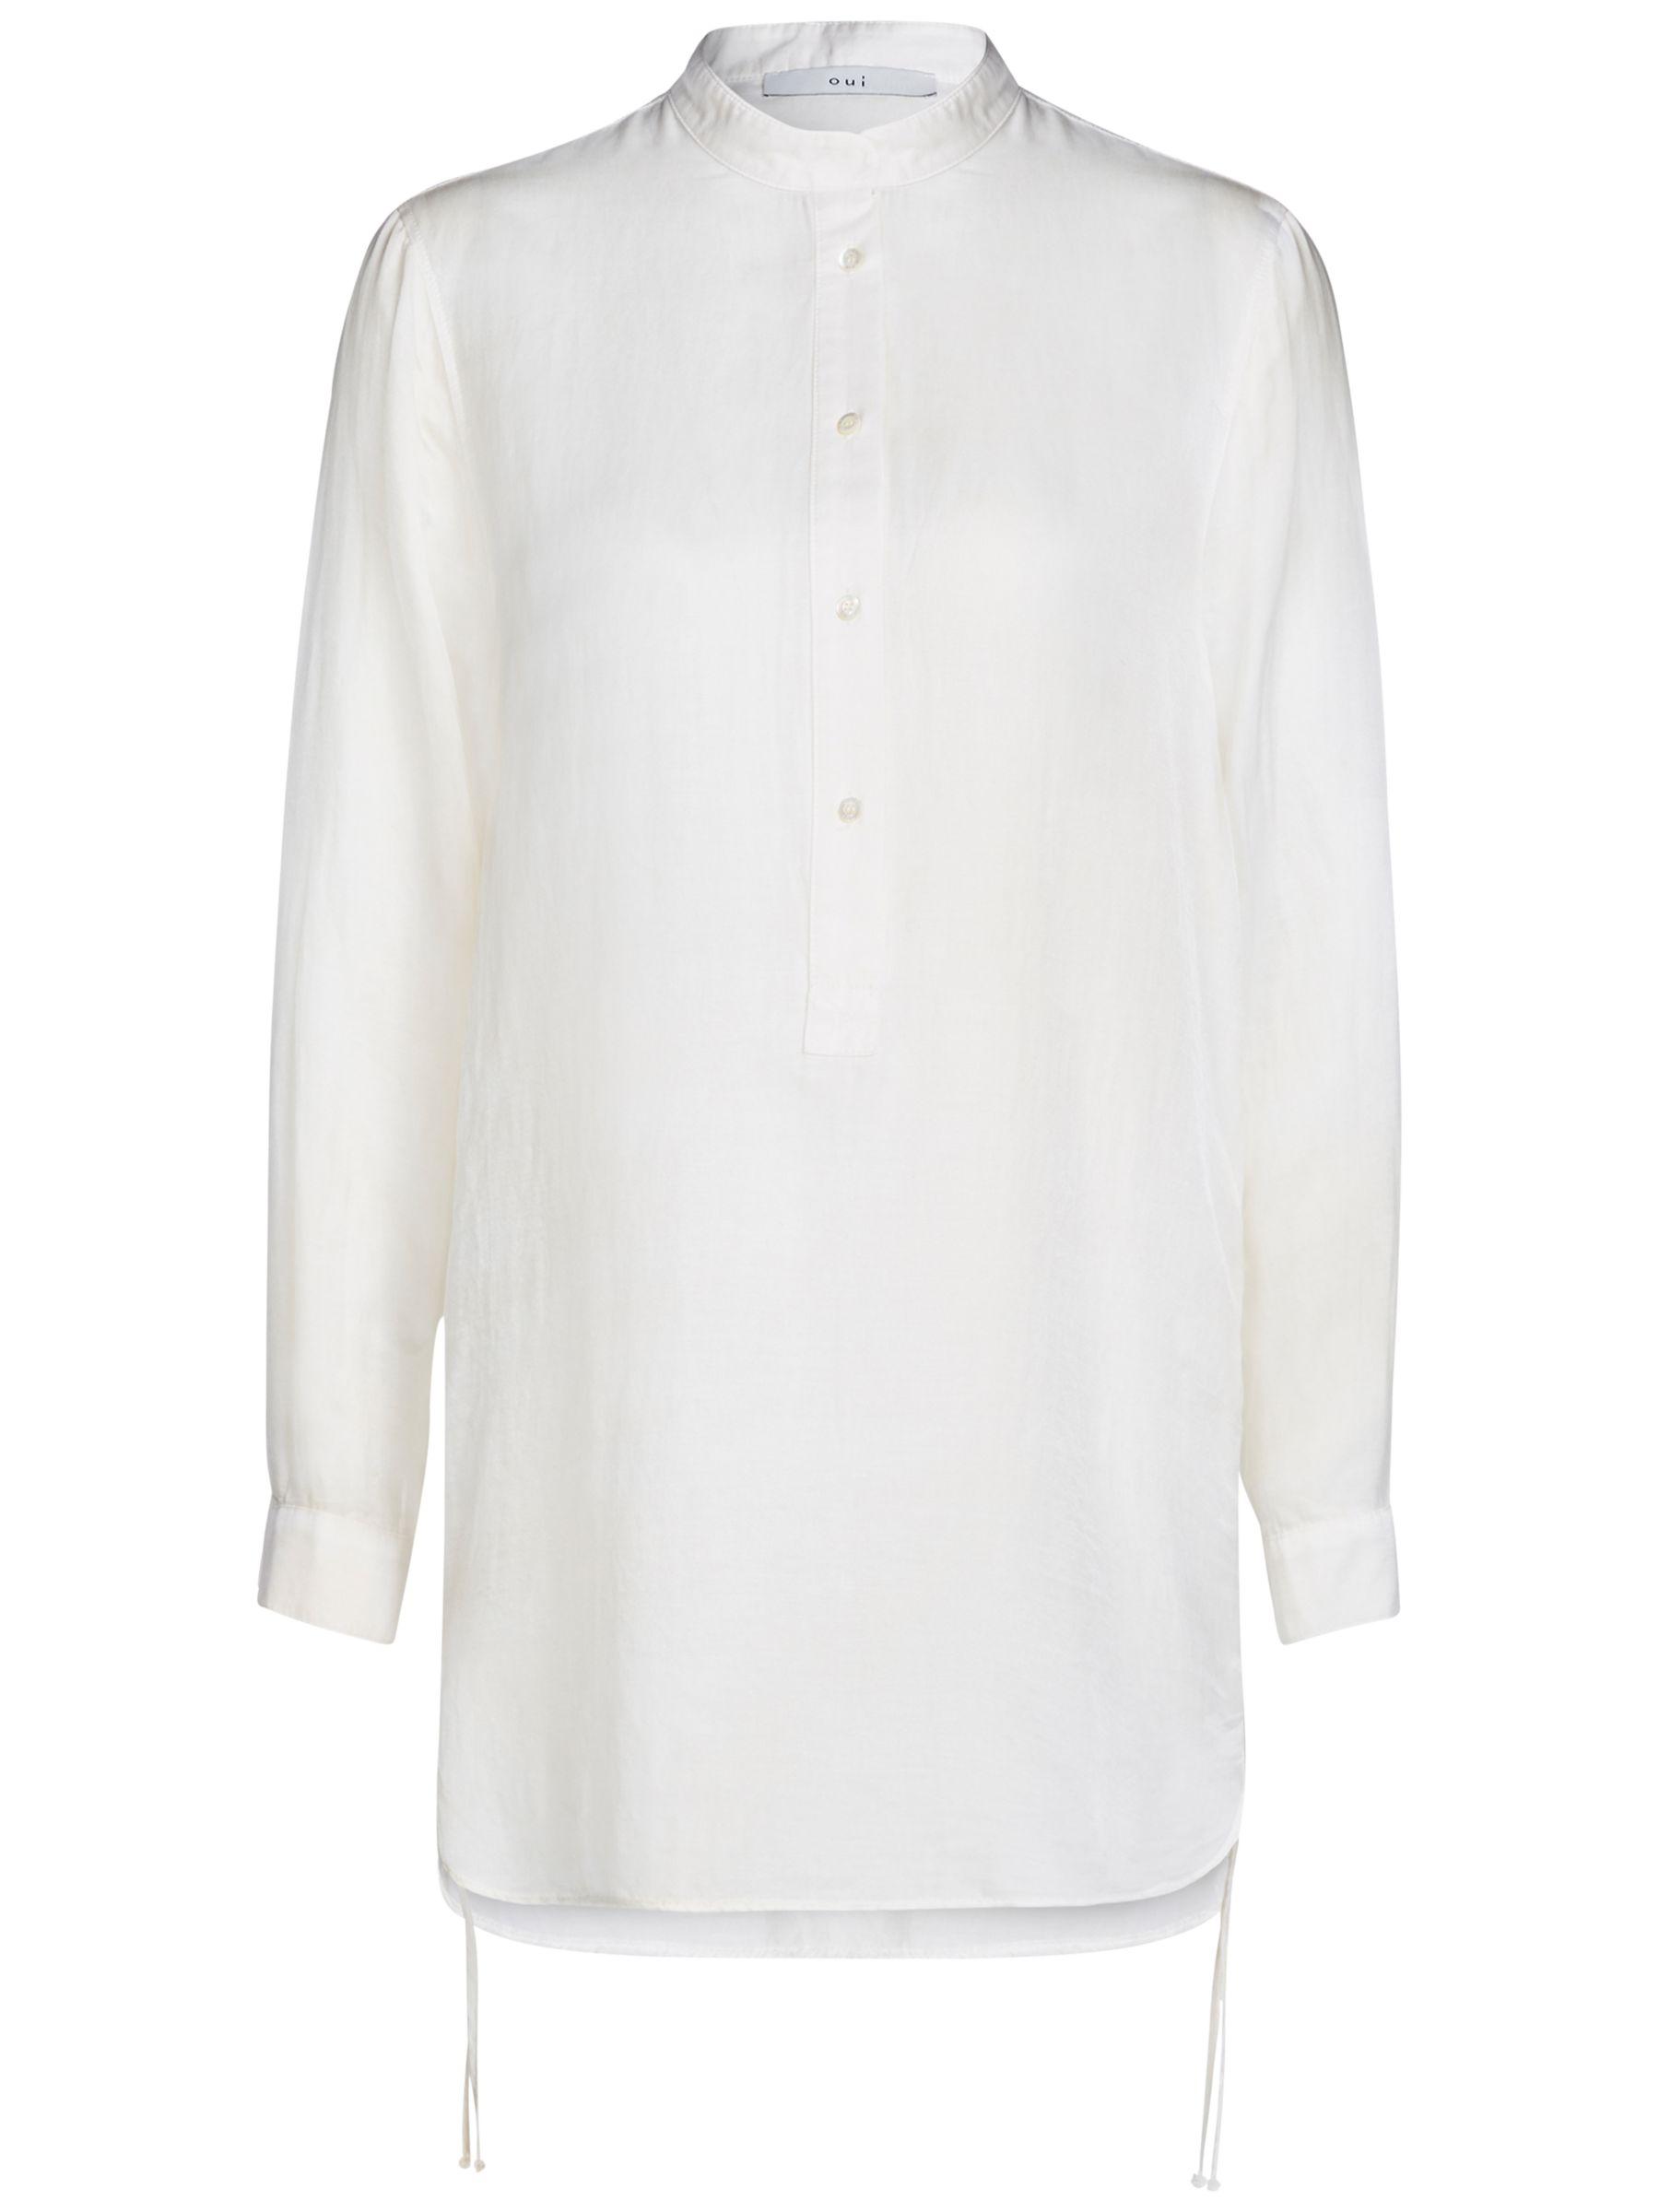 Oui Oui Drawstring Detail Shirt, Birch